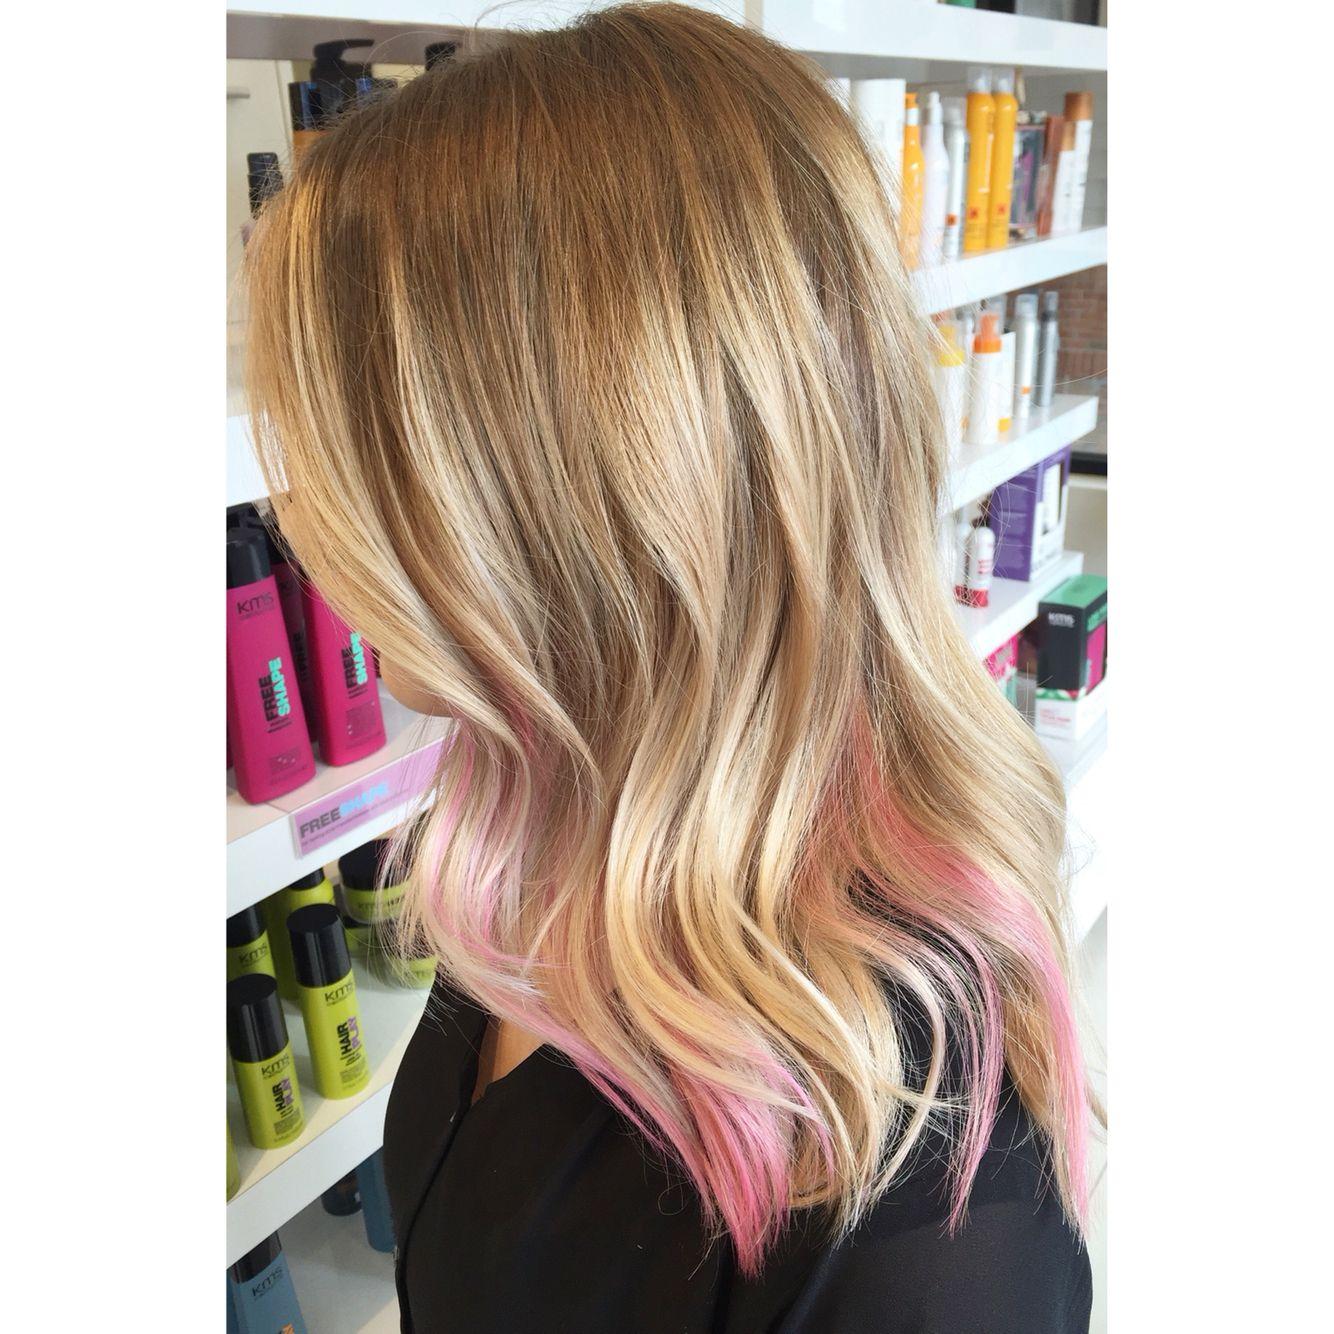 Soft Blonde Balayage With A Peekaboo Of Pastel Pink Pink Blonde Hair Peekaboo Hair Blonde Balayage